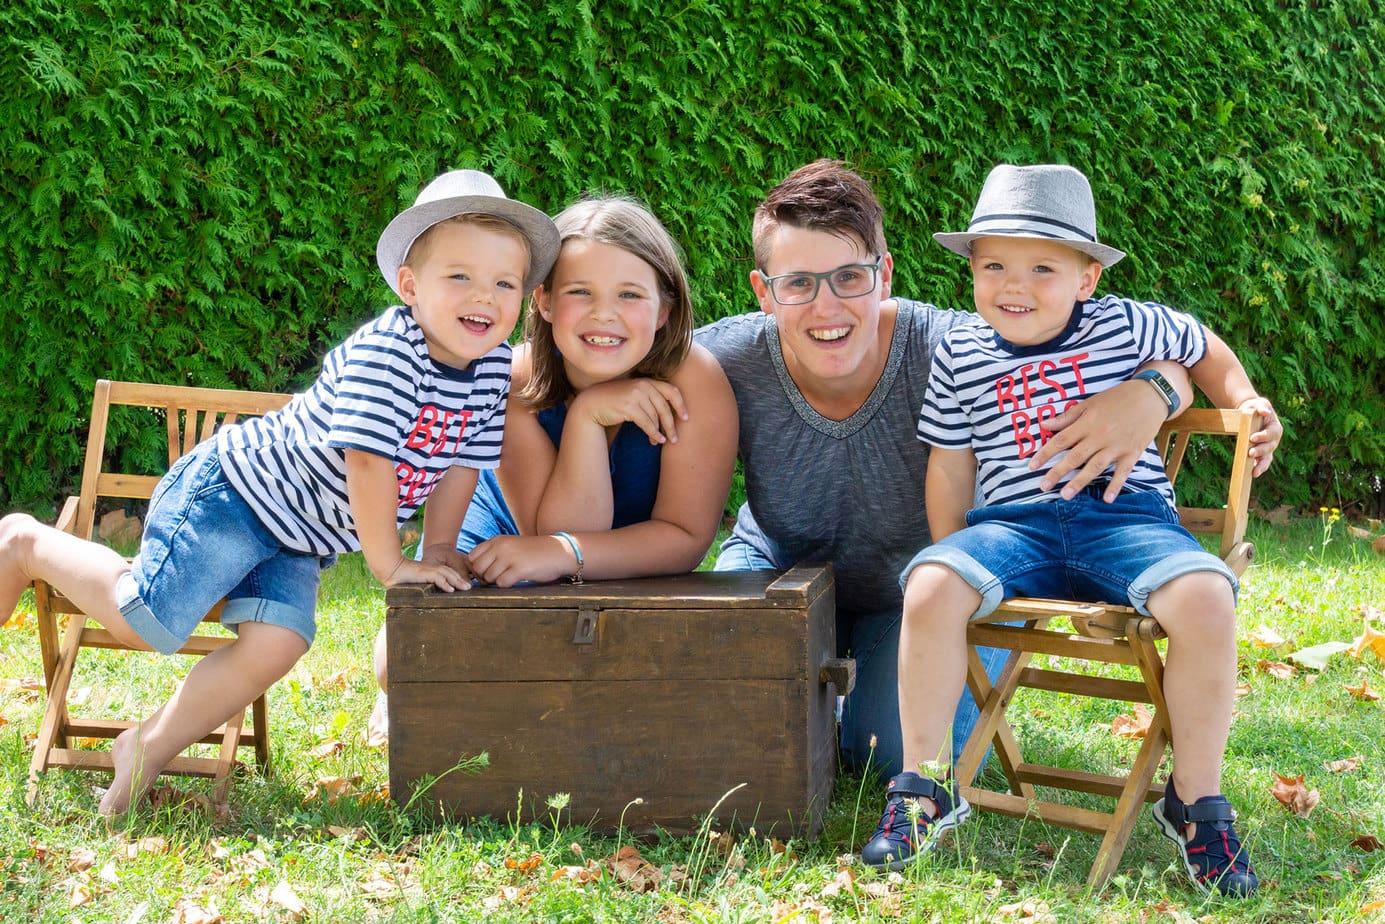 Familienfotos beim Spielplatzshooting